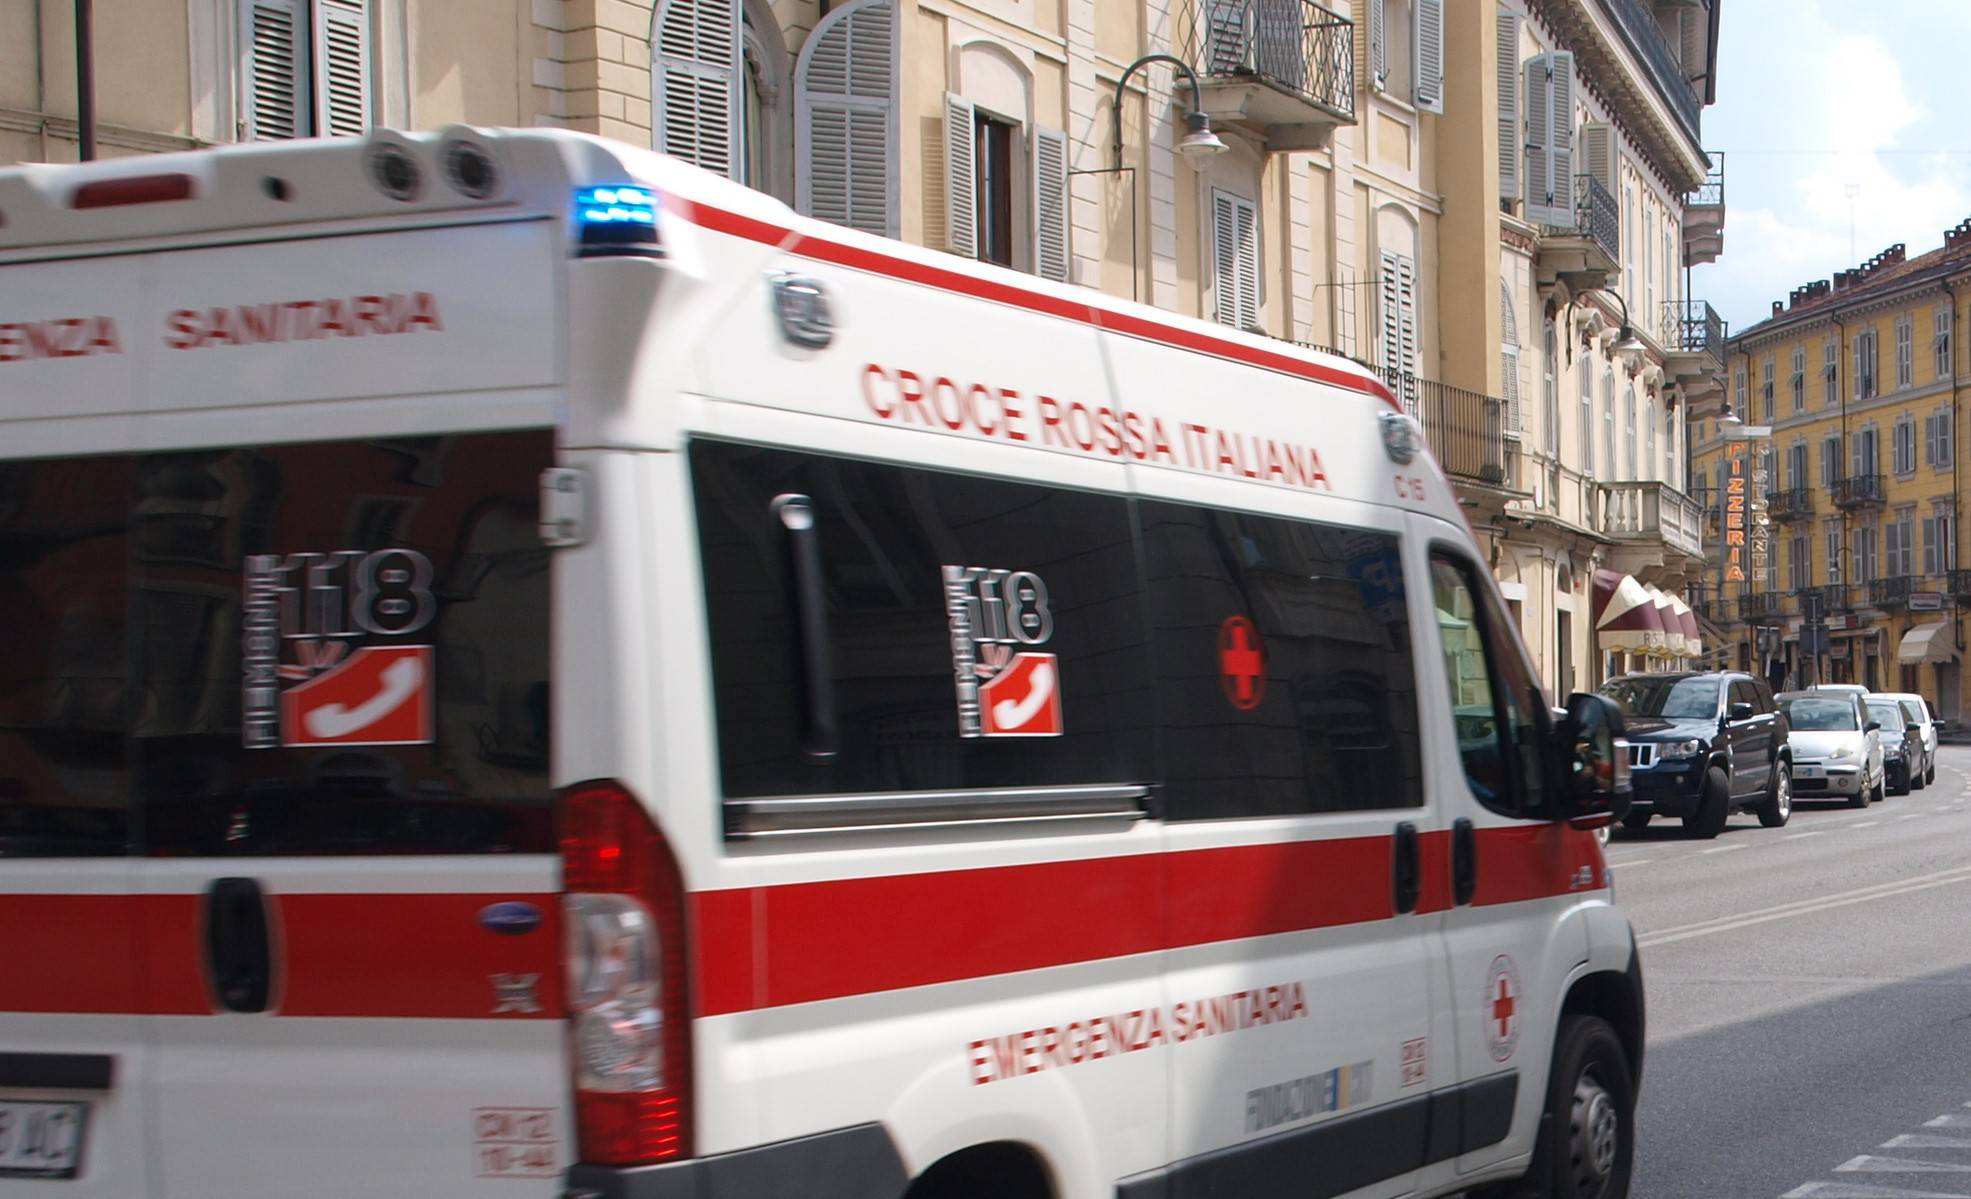 Torino: 18enne si getta da un palazzo, si indaga per suicidio